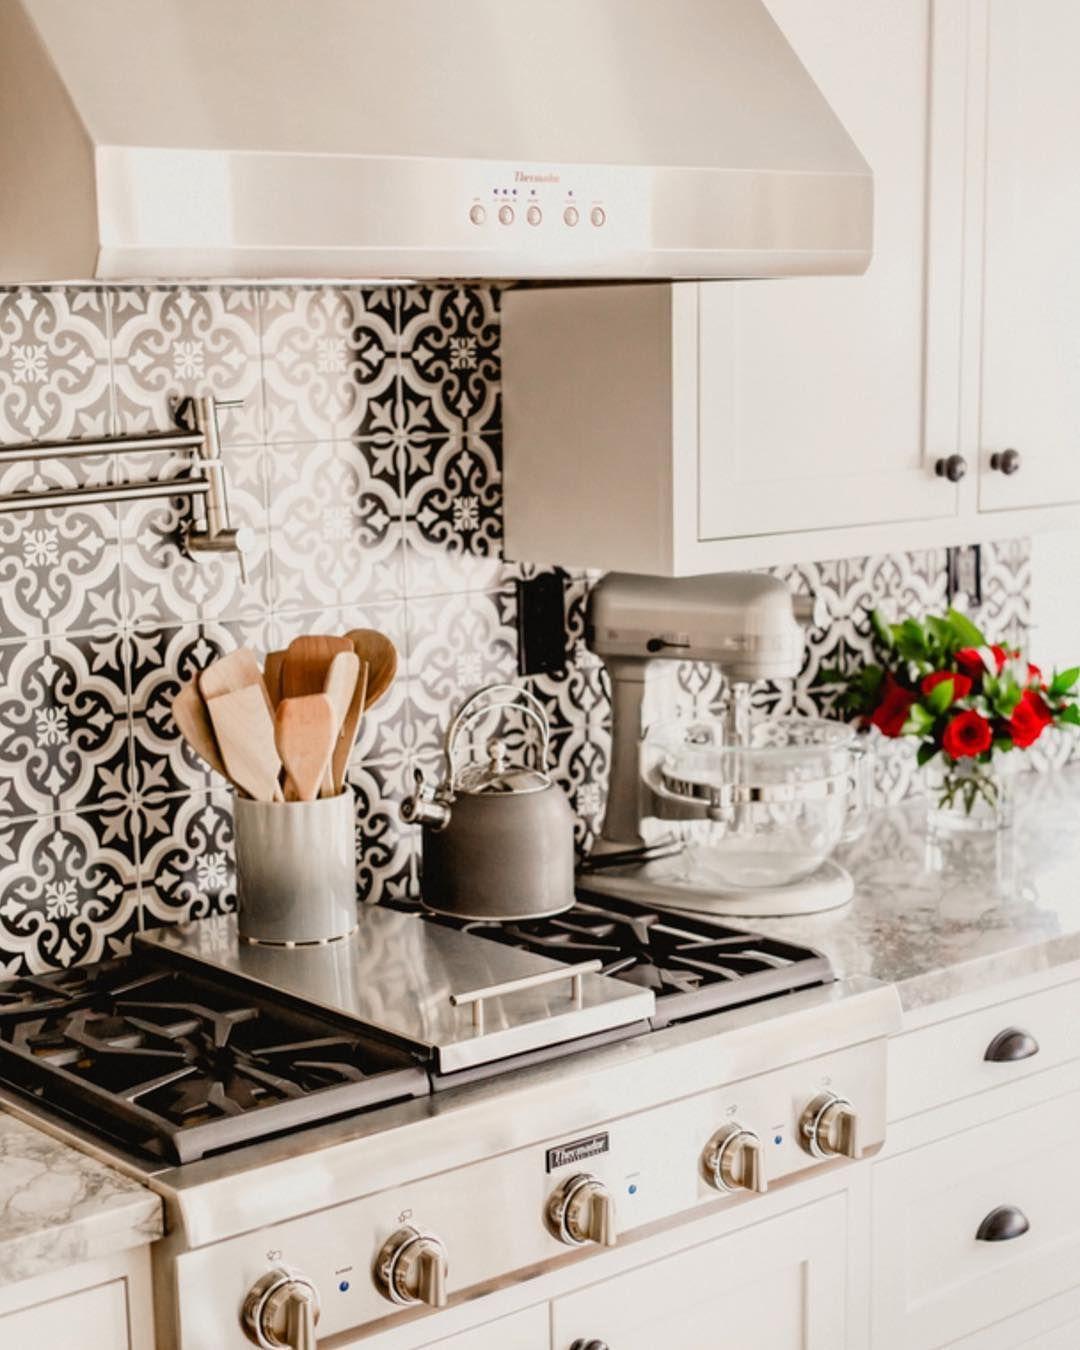 Pin By Autumn Allen On Cozy Cottage Kitchens Kitchen Backsplash Designs Modern Kitchen Tiles Modern Farmhouse Kitchen Backsplash